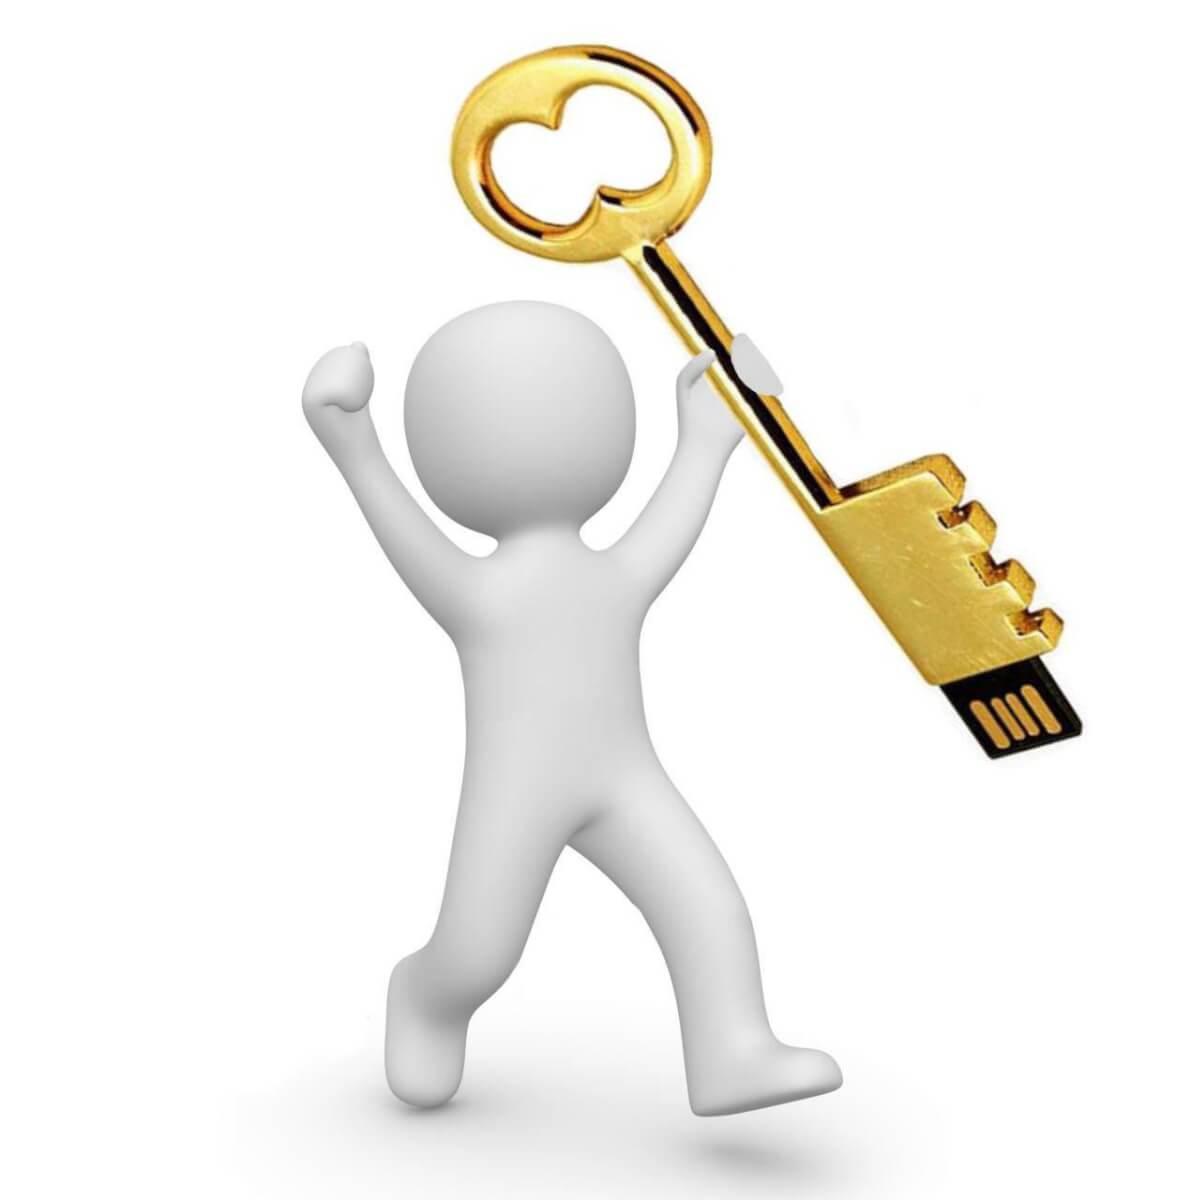 Ключ для электронной подписи